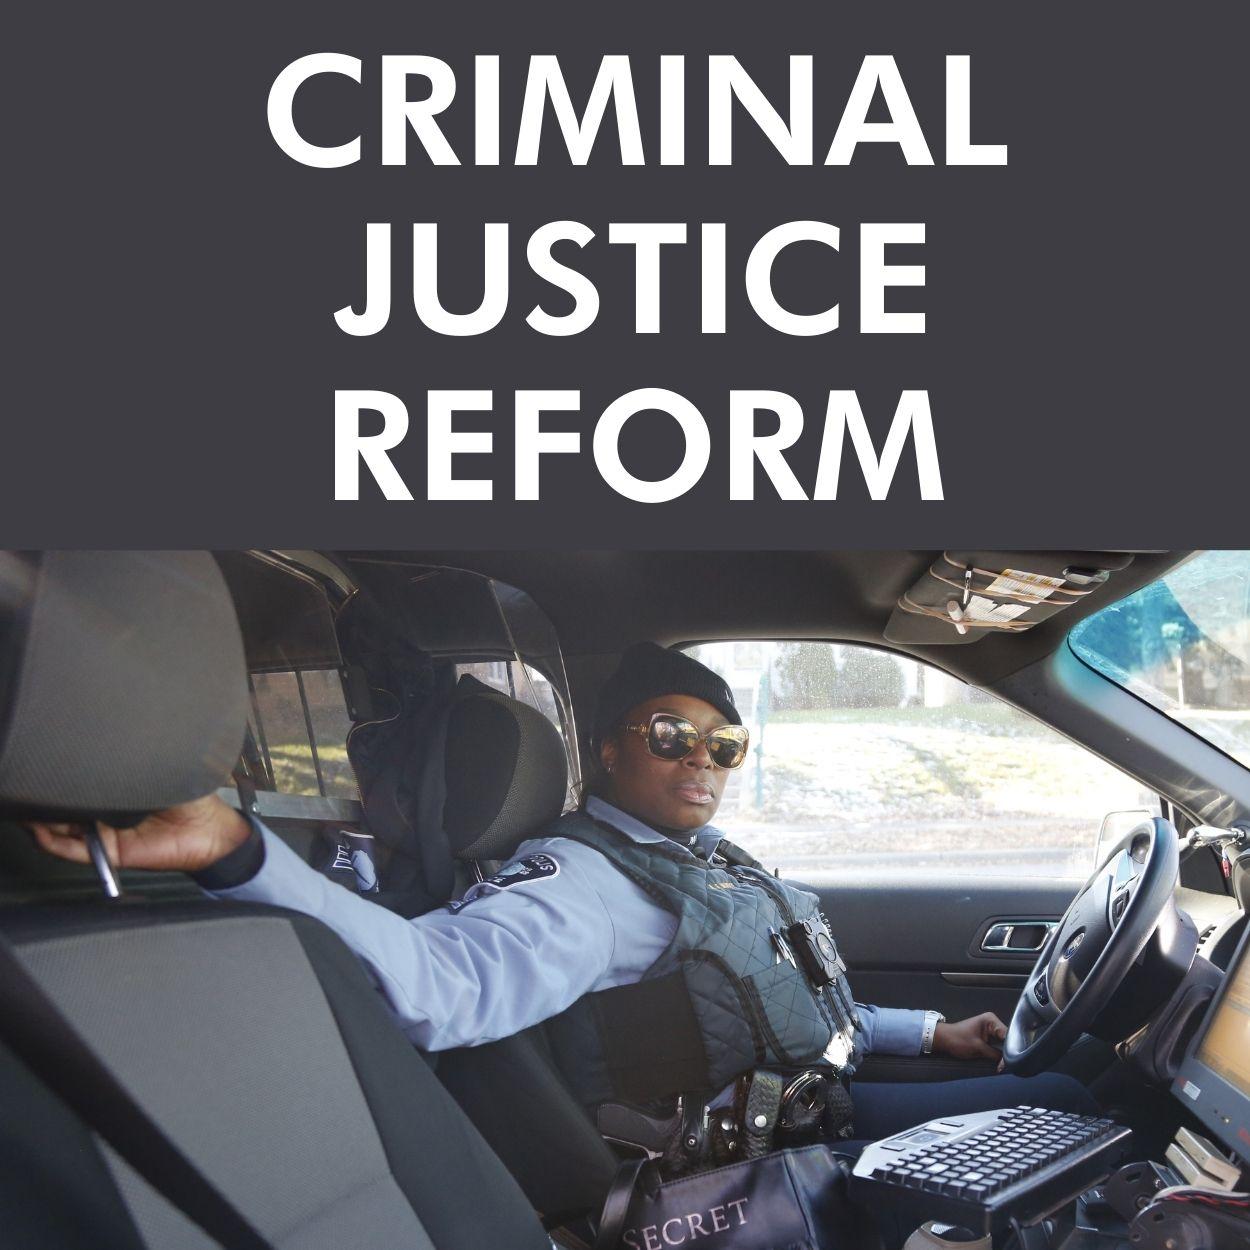 CRIMINAL JUSTICE REFORM (2)